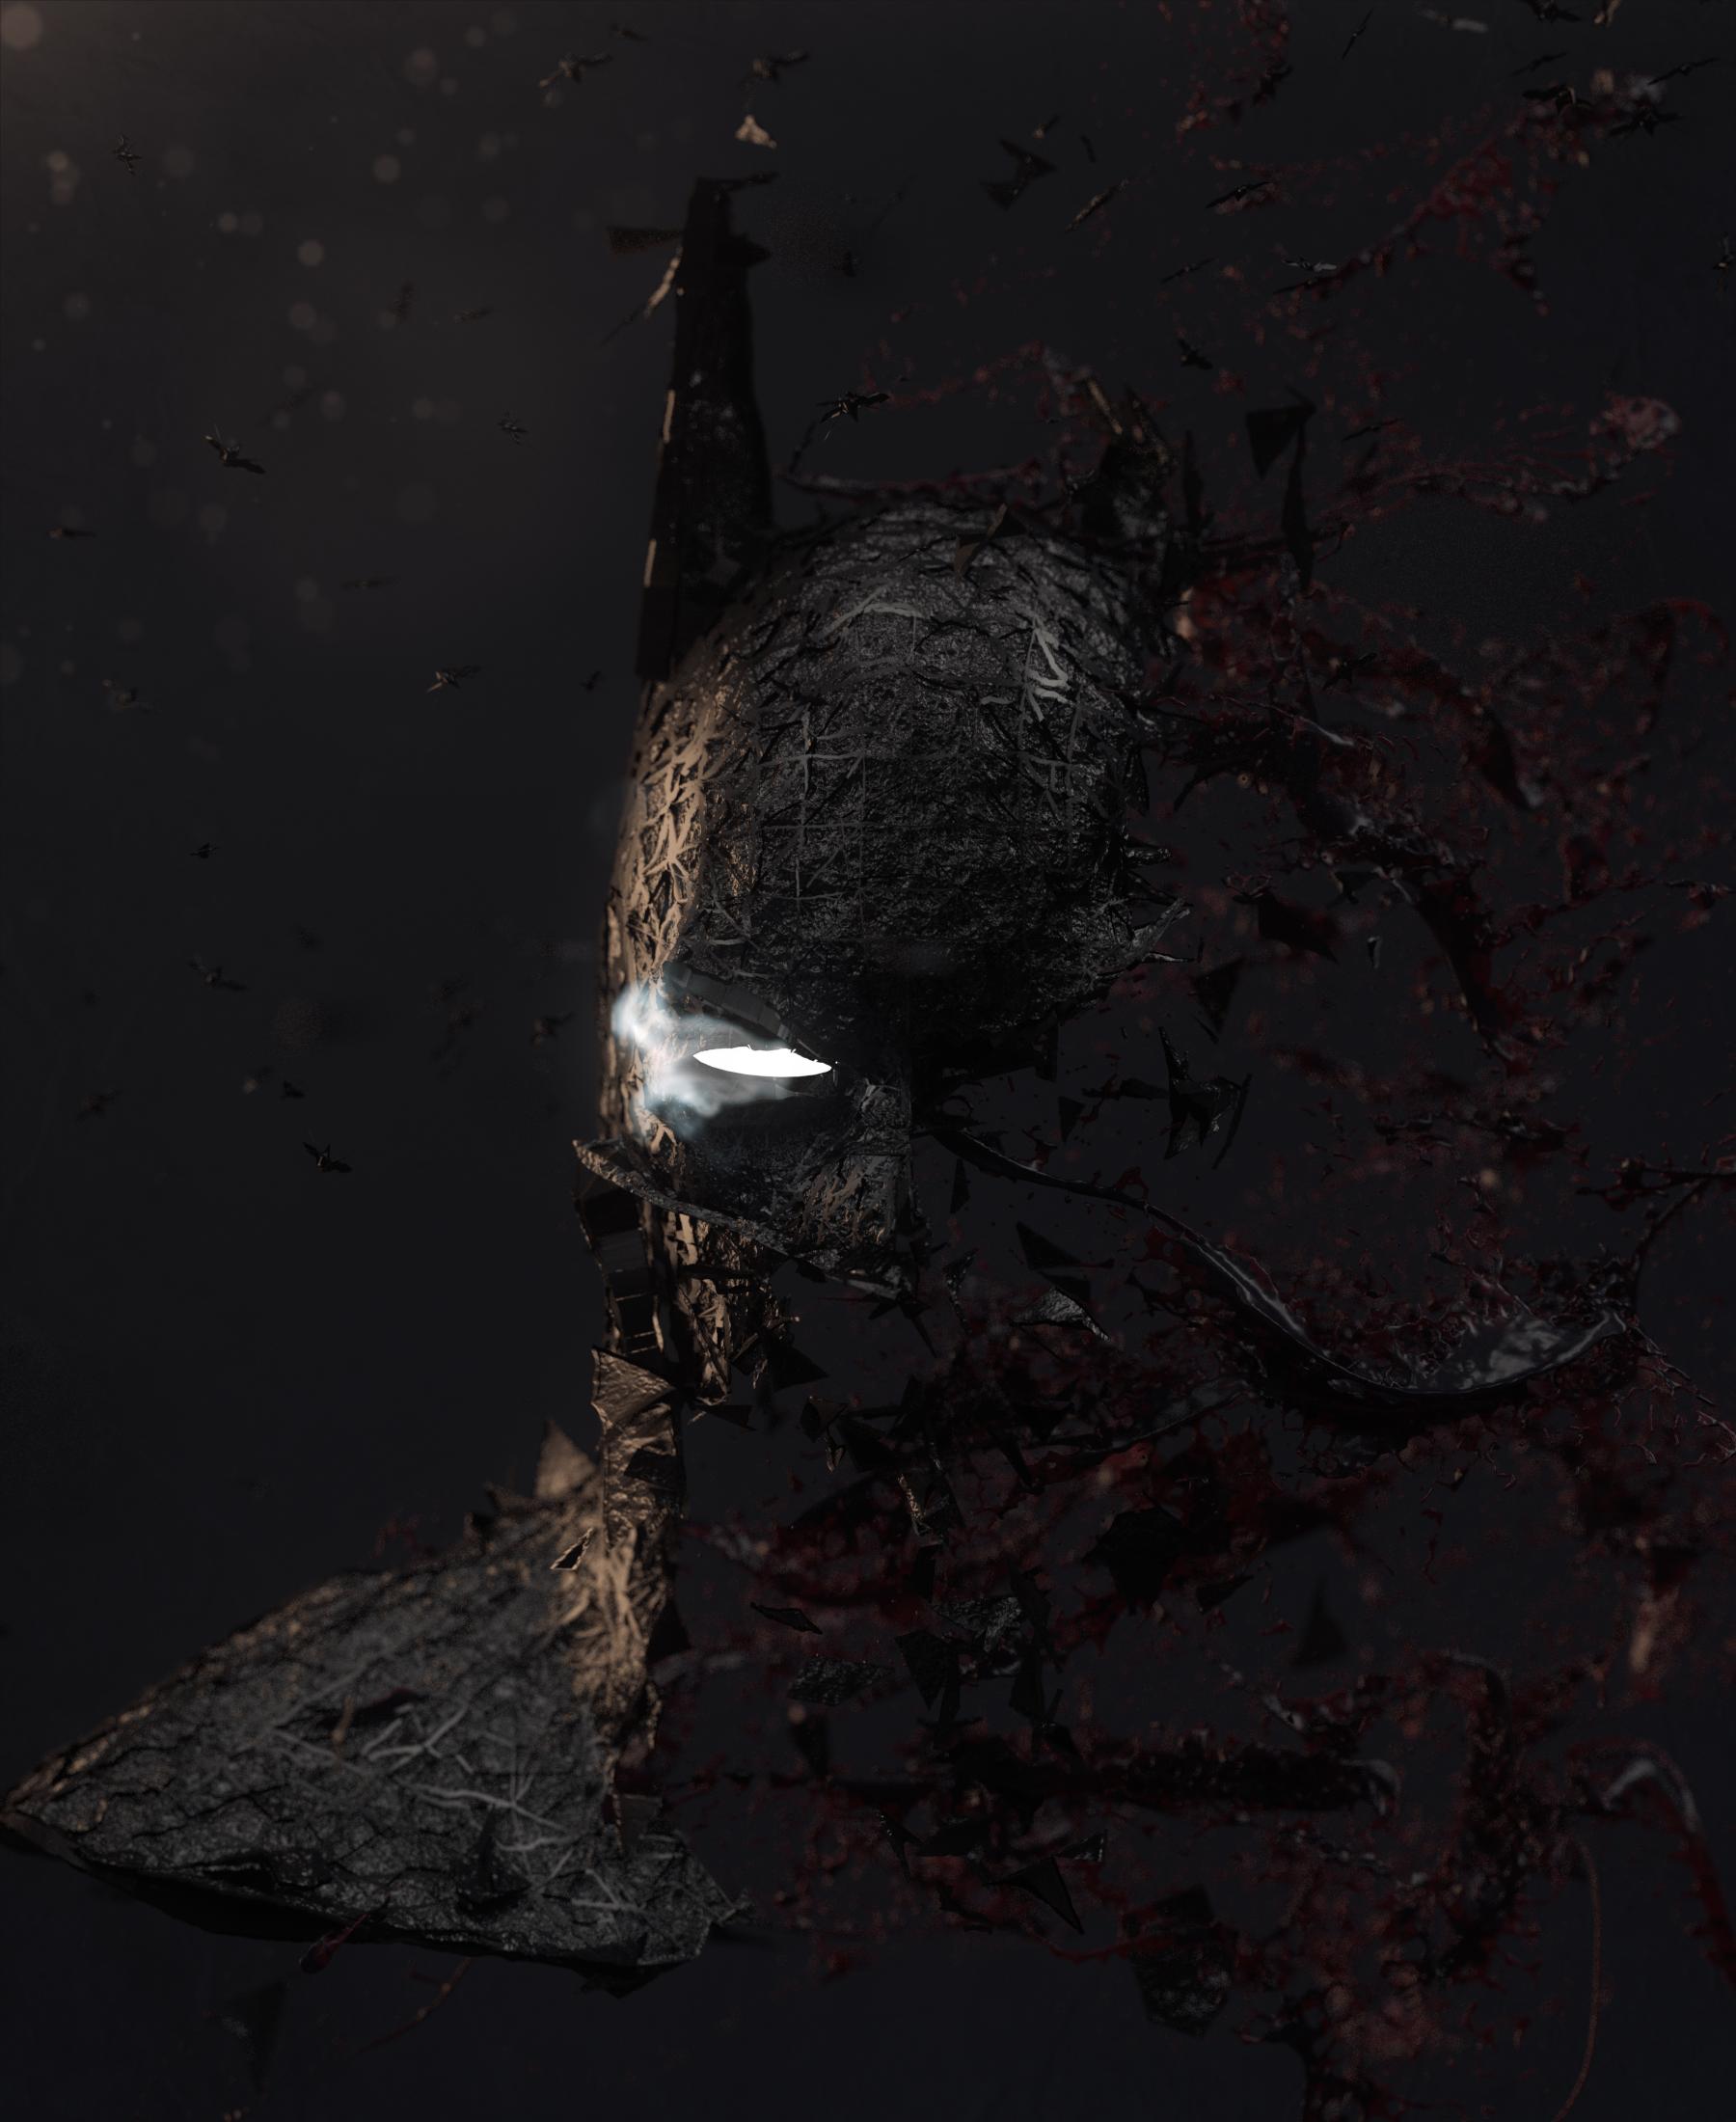 batman_abstract_2k.png